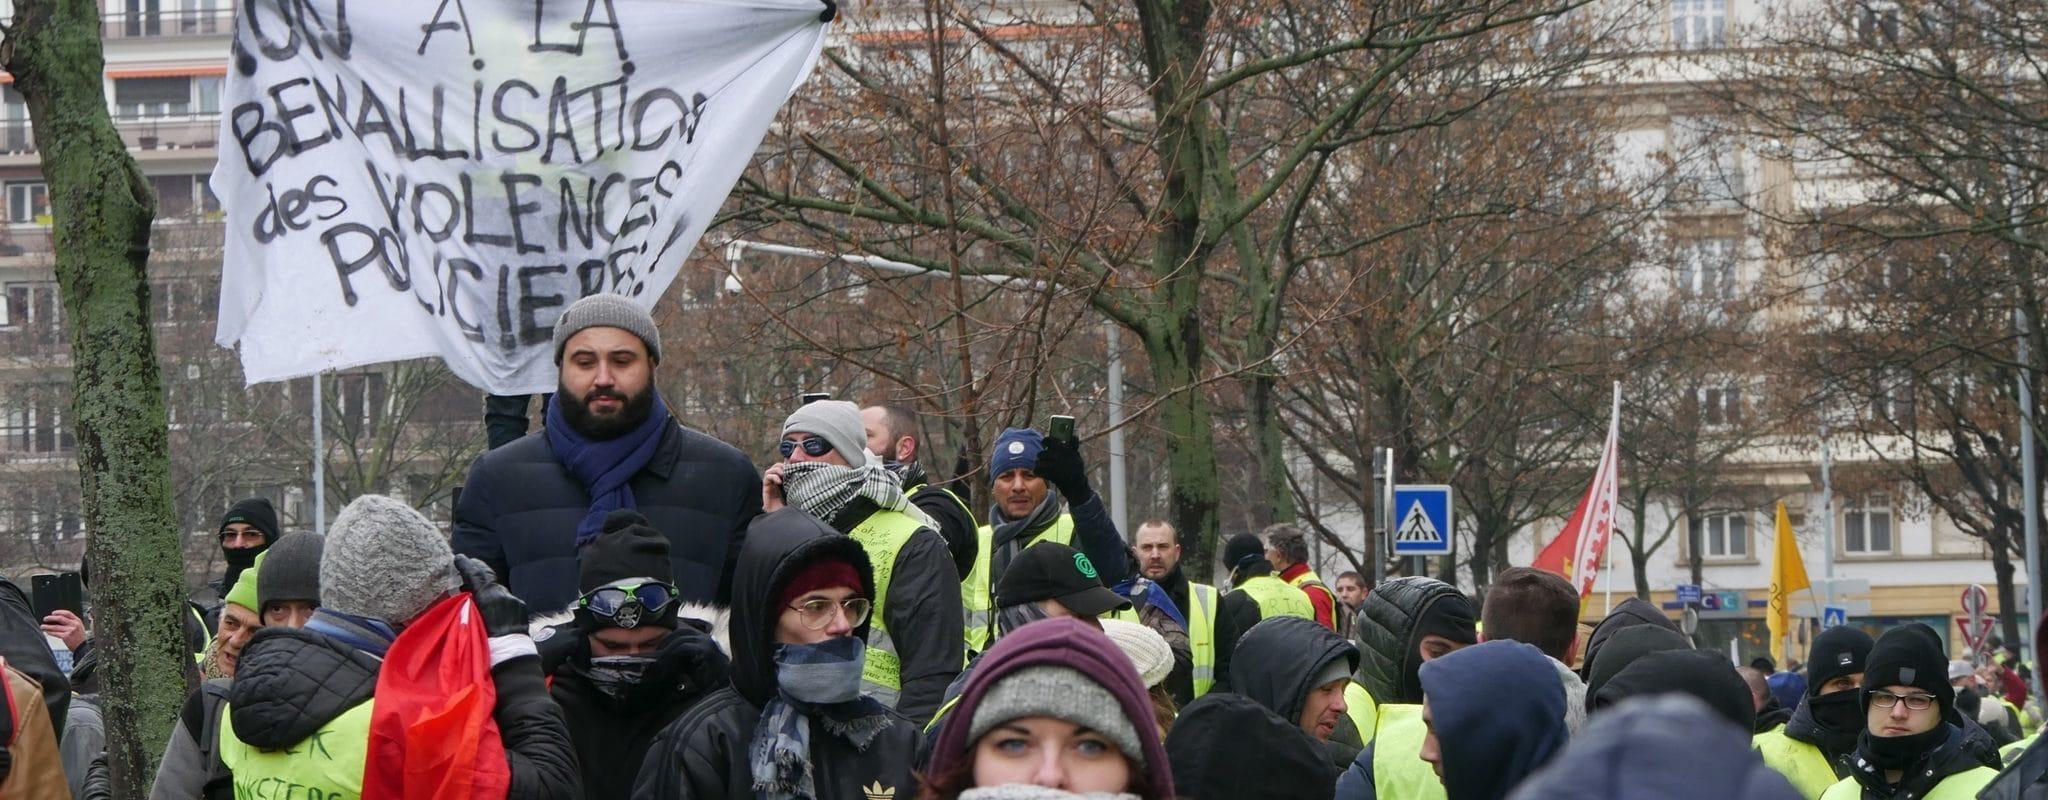 Acte IX à Strasbourg: le point sur les plaintes et les condamnations de Gilets jaunes